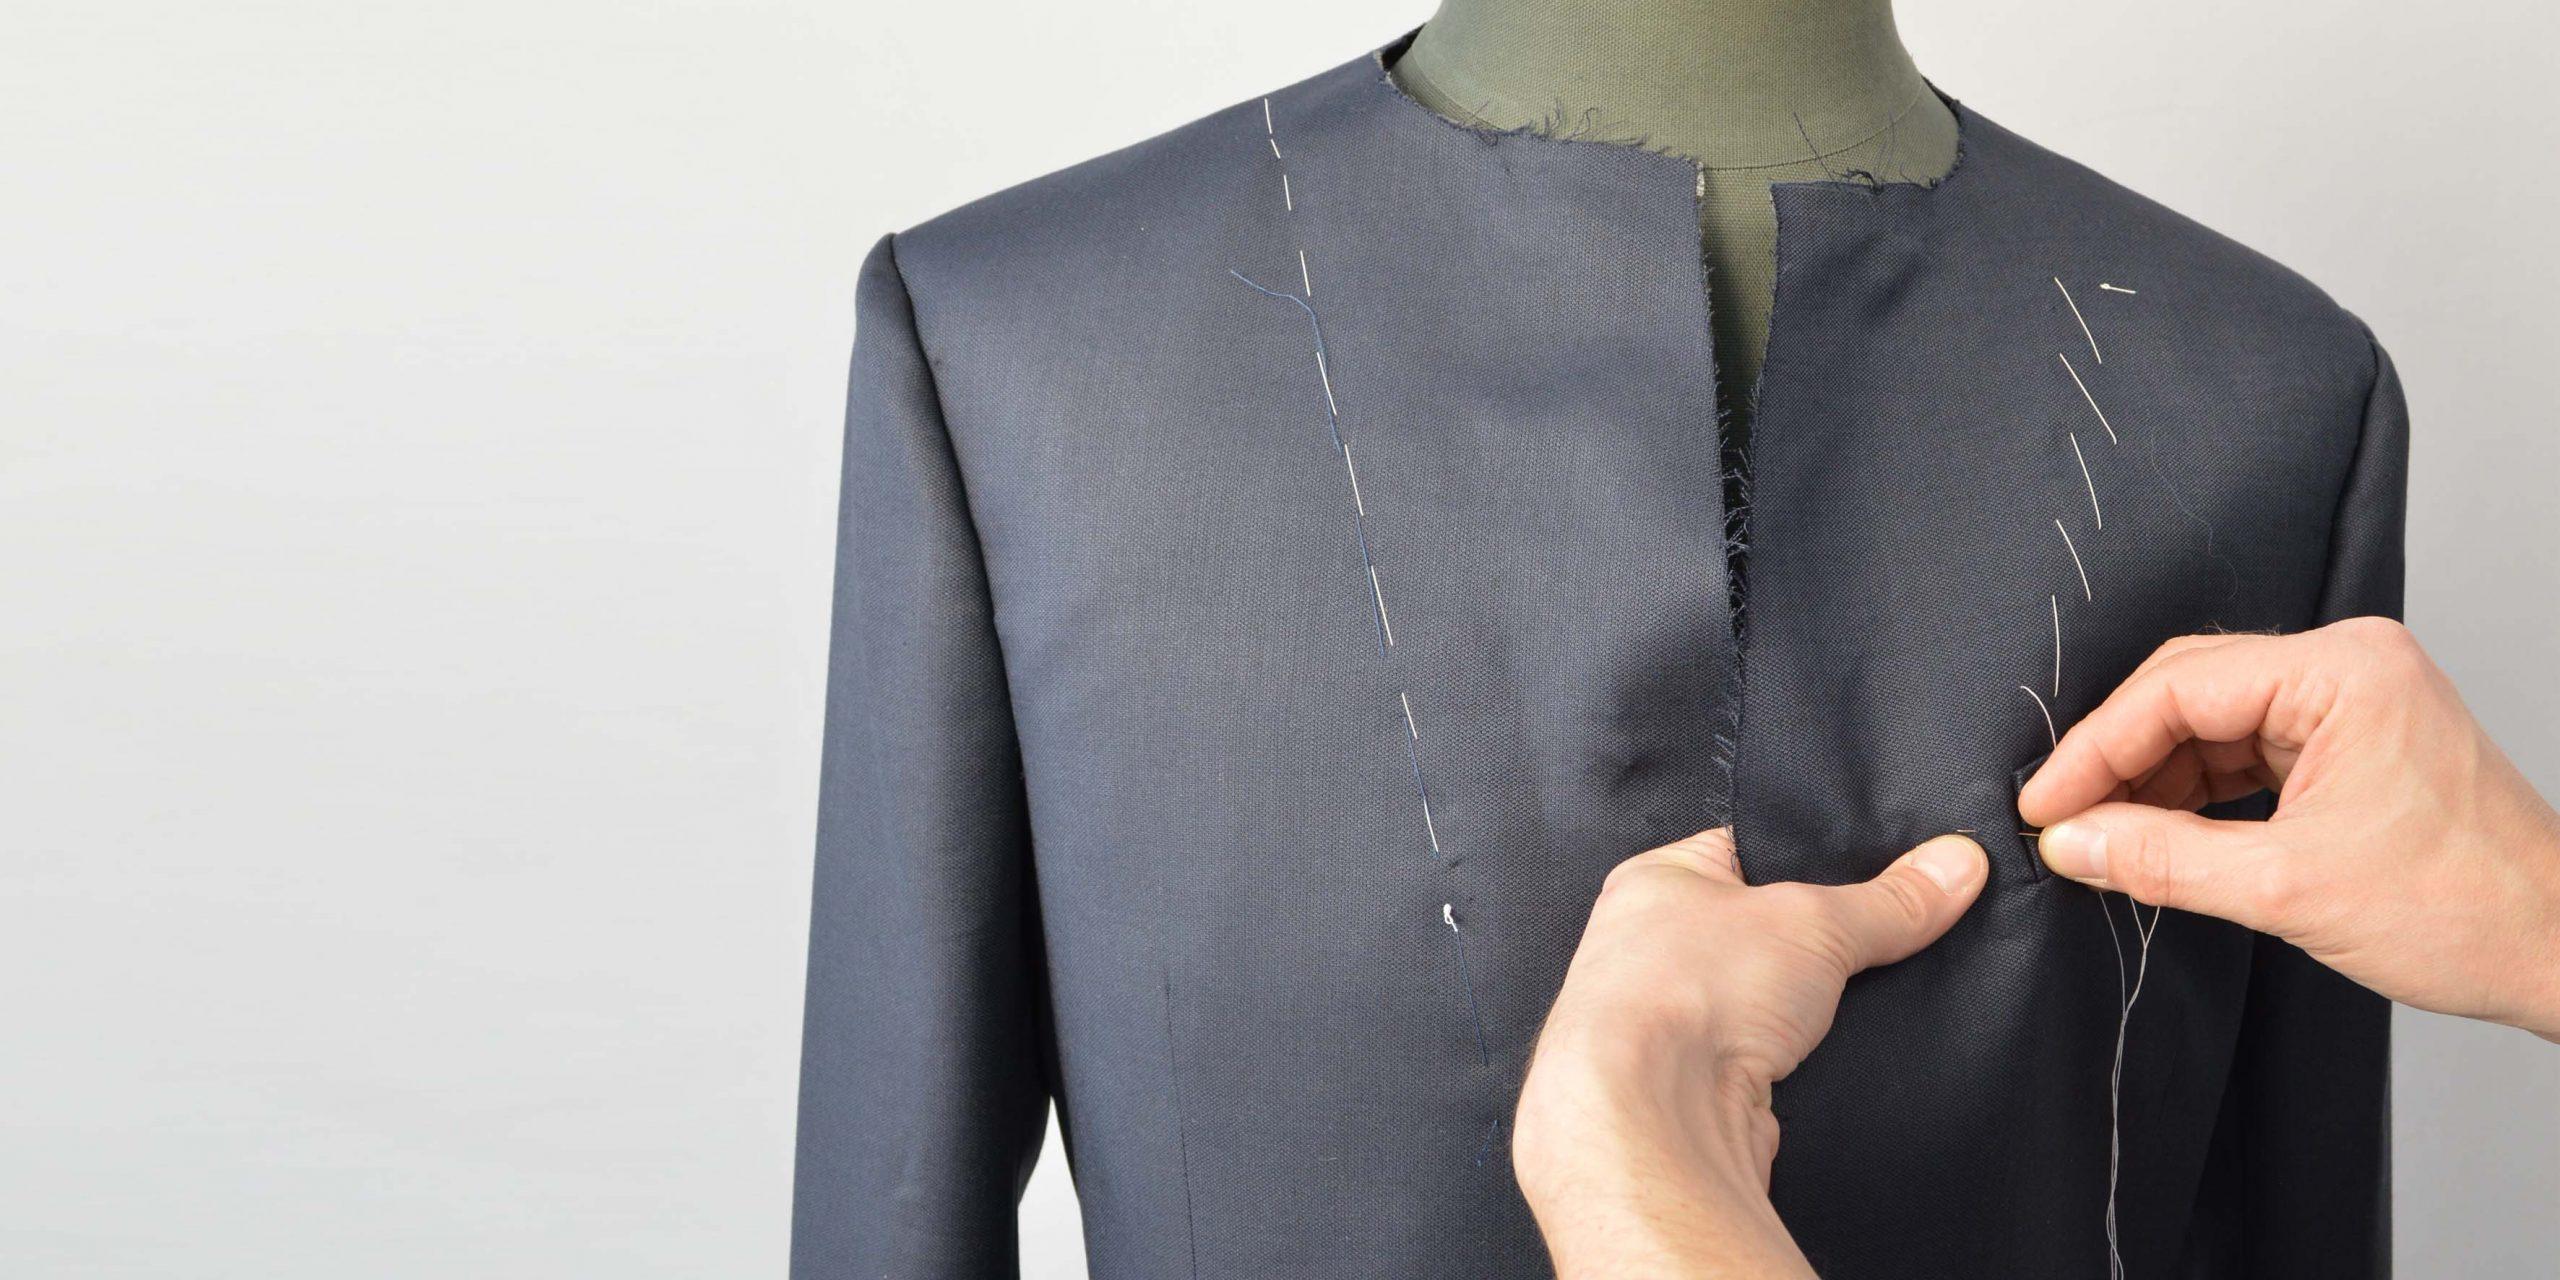 kresse-oliver-schneiderhandwerk-massschneider-schneider-anzug-herrenmode